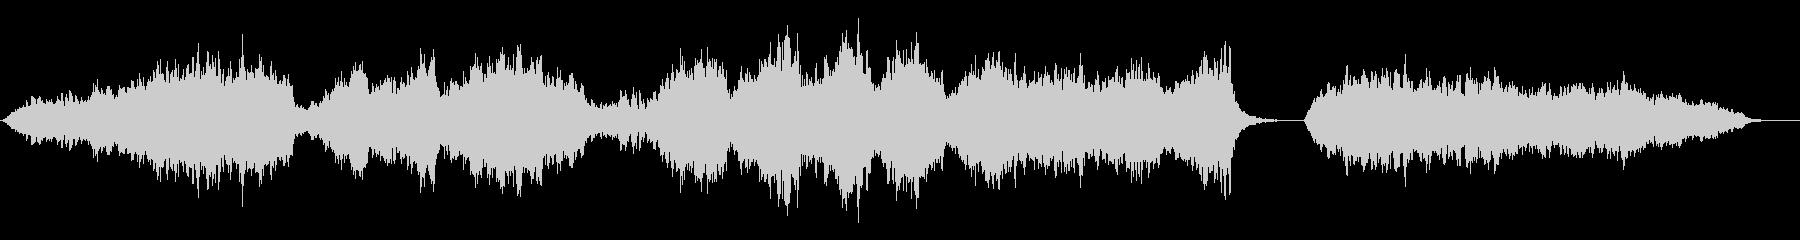 ストリングス(弦楽器)の穏やかなBGMの未再生の波形